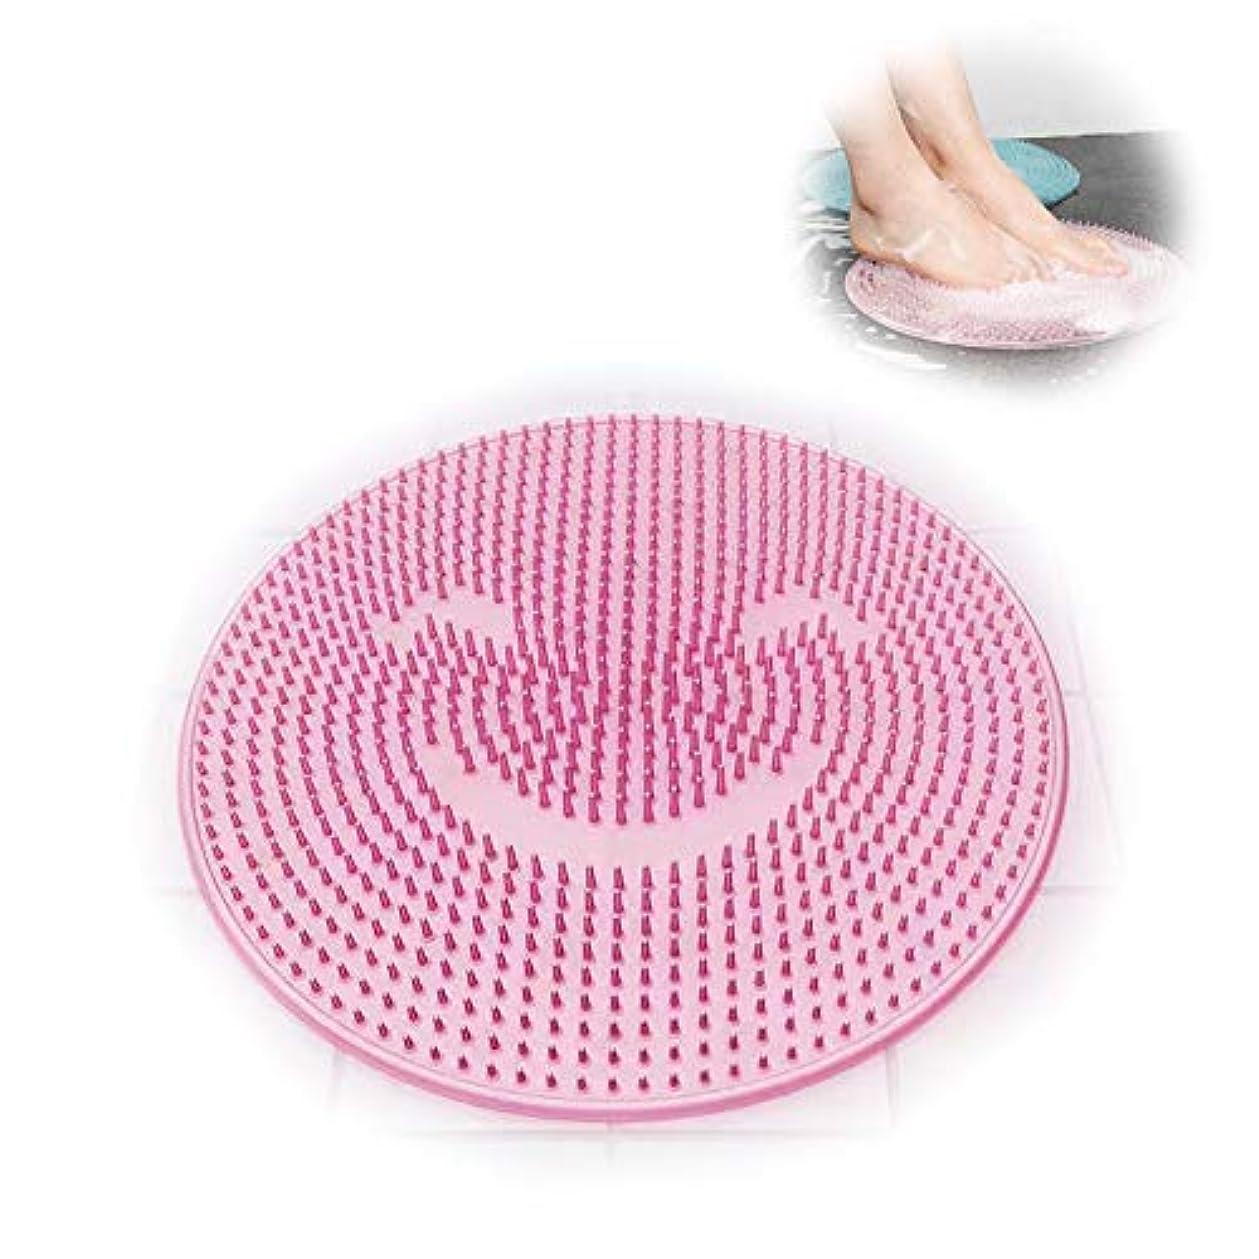 会社したがって保存するSHOOTING 足洗い用 バスマット 足洗いマット フット 汚れ角質除去 ストレス解消 (ピンク)